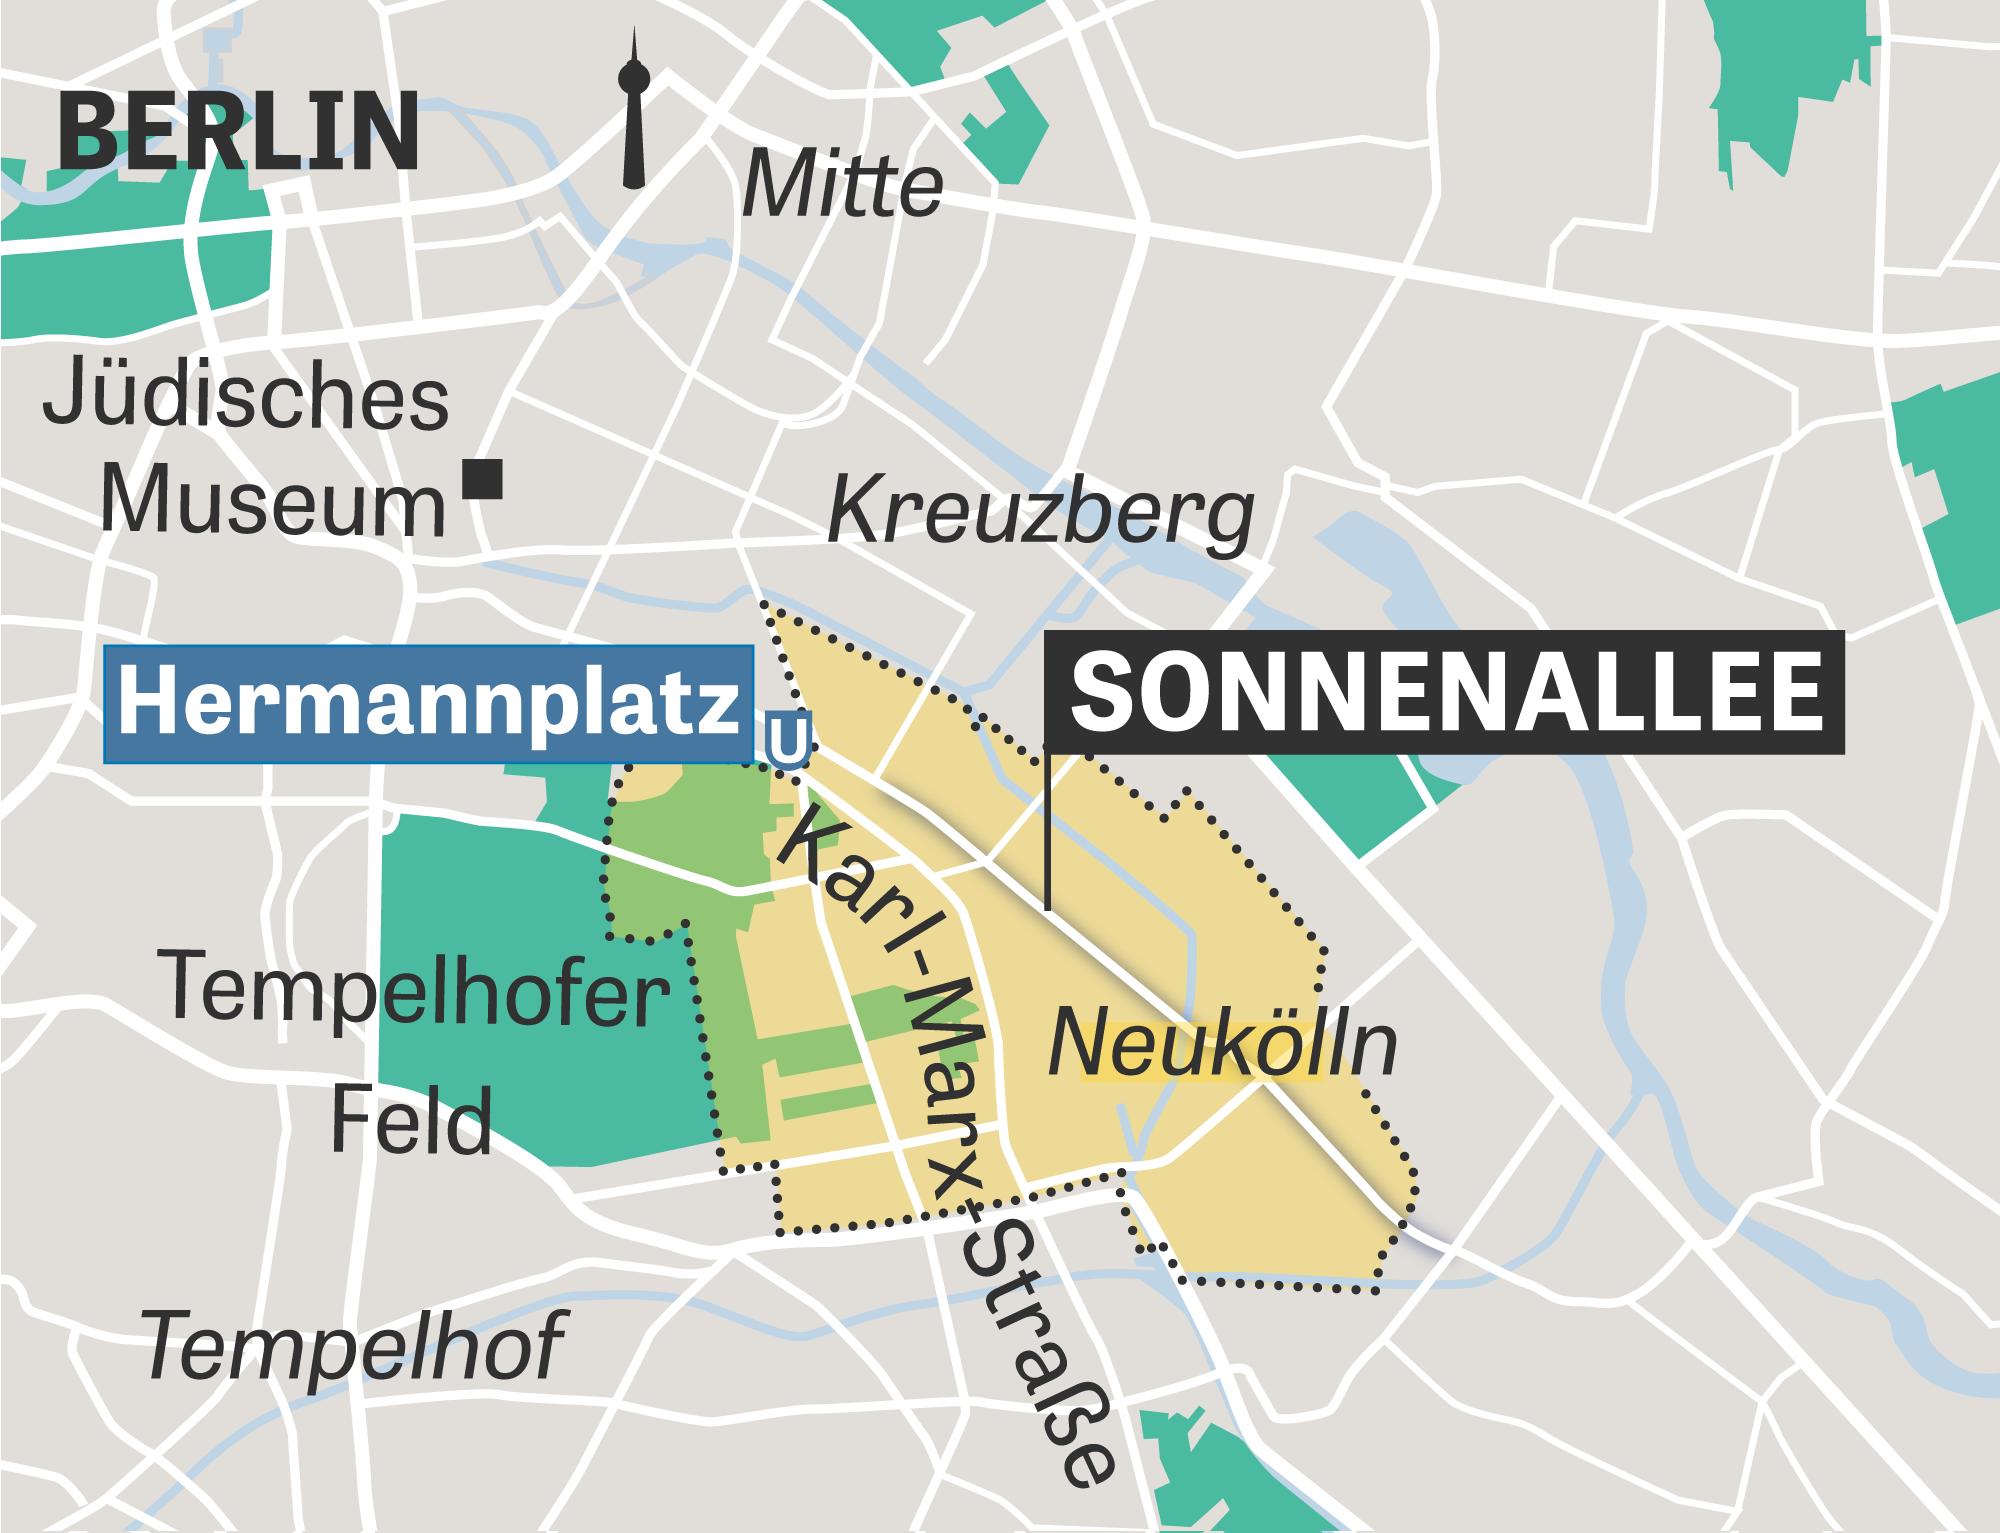 Berlin Neuköln Sonnenallee